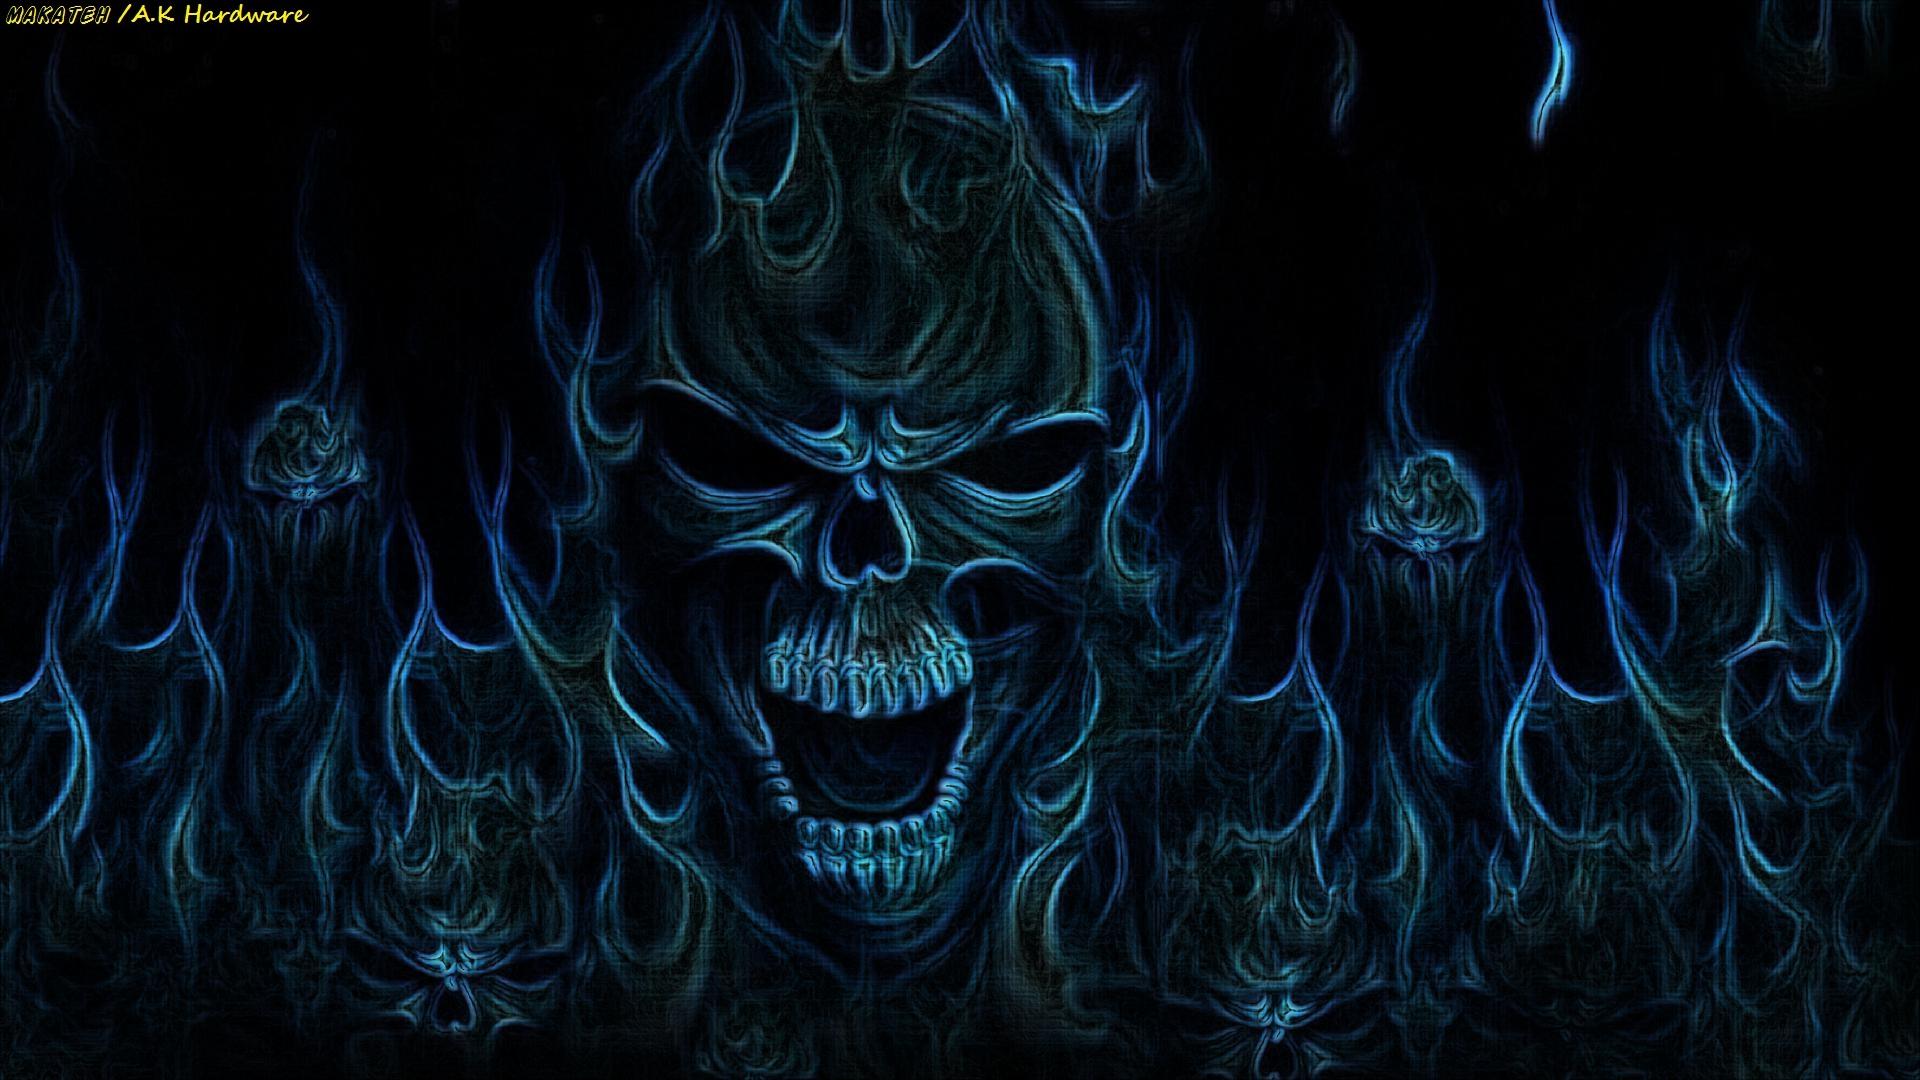 Skull Computer Wallpapers Desktop Backgrounds 1920x1080 1920x1080